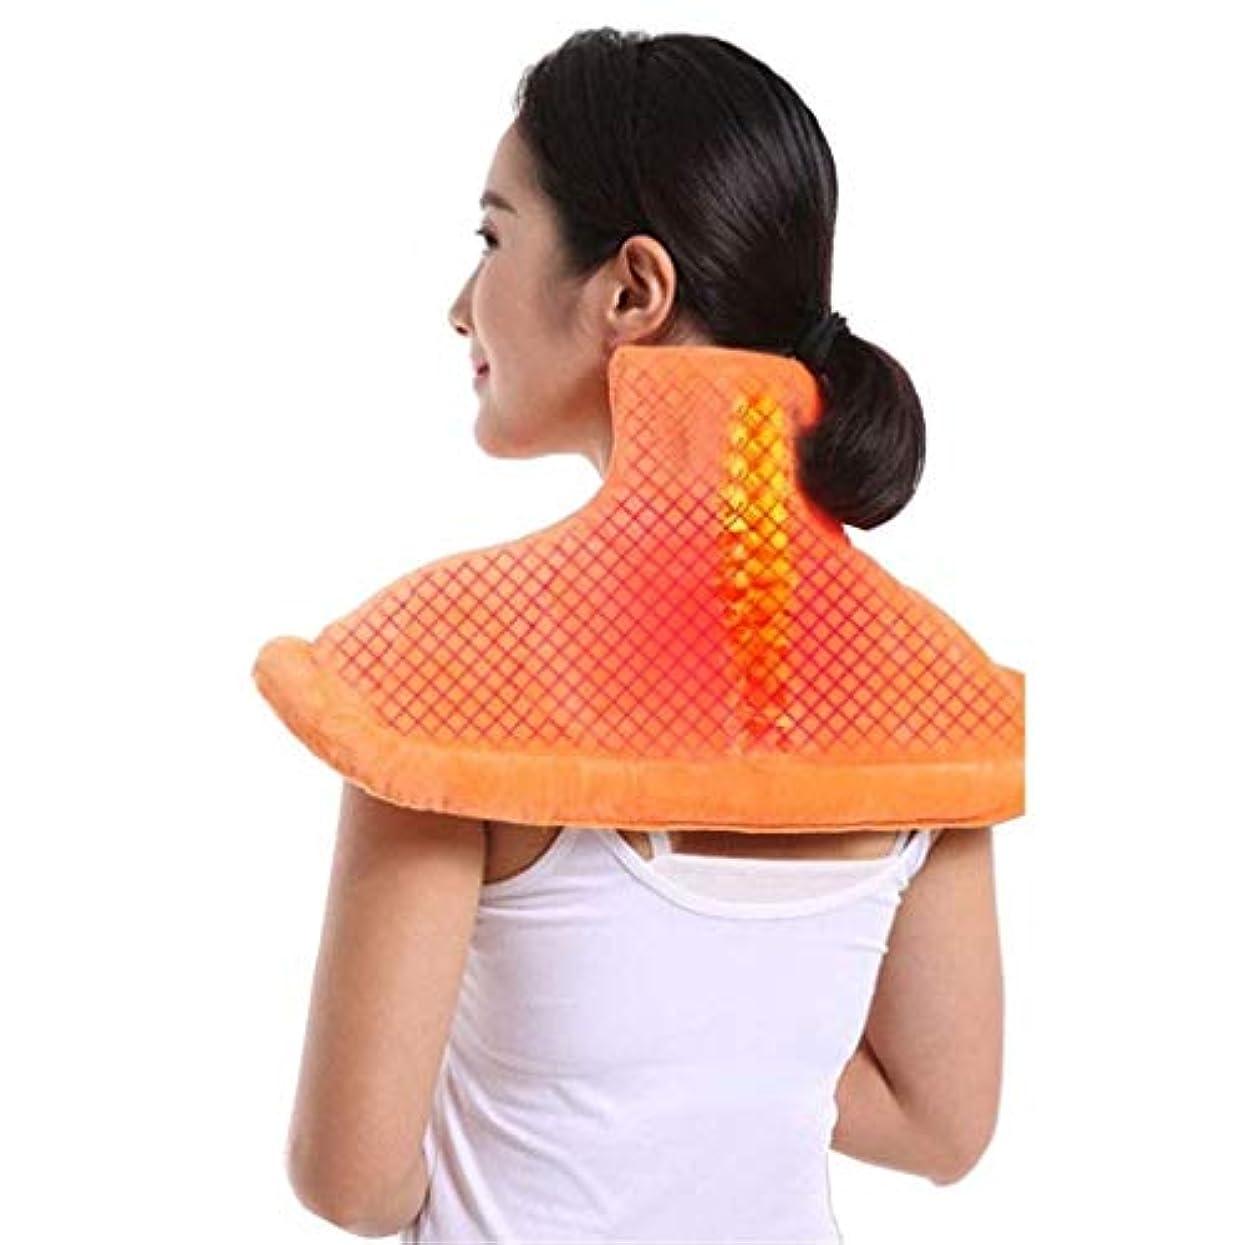 メンダシティ宿命敵対的首のマッサージャー、電熱パッド、首と肩と背中の痛みを和らげるツール、ストレス緩和筋肉温熱療法パッド